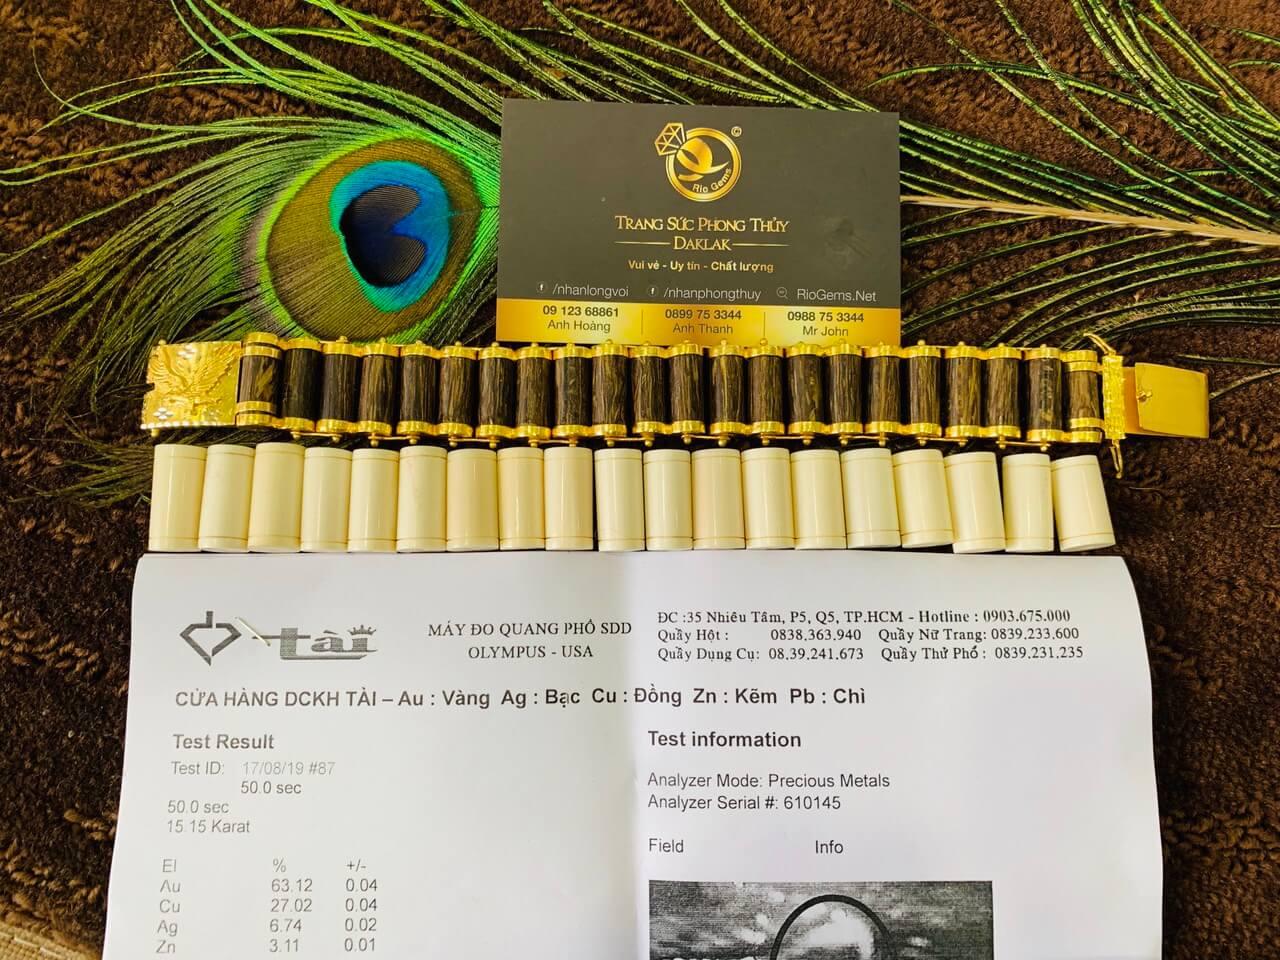 Lắc tay mắc xích trầm hương có giấy chứng nhận hàng chất lượng